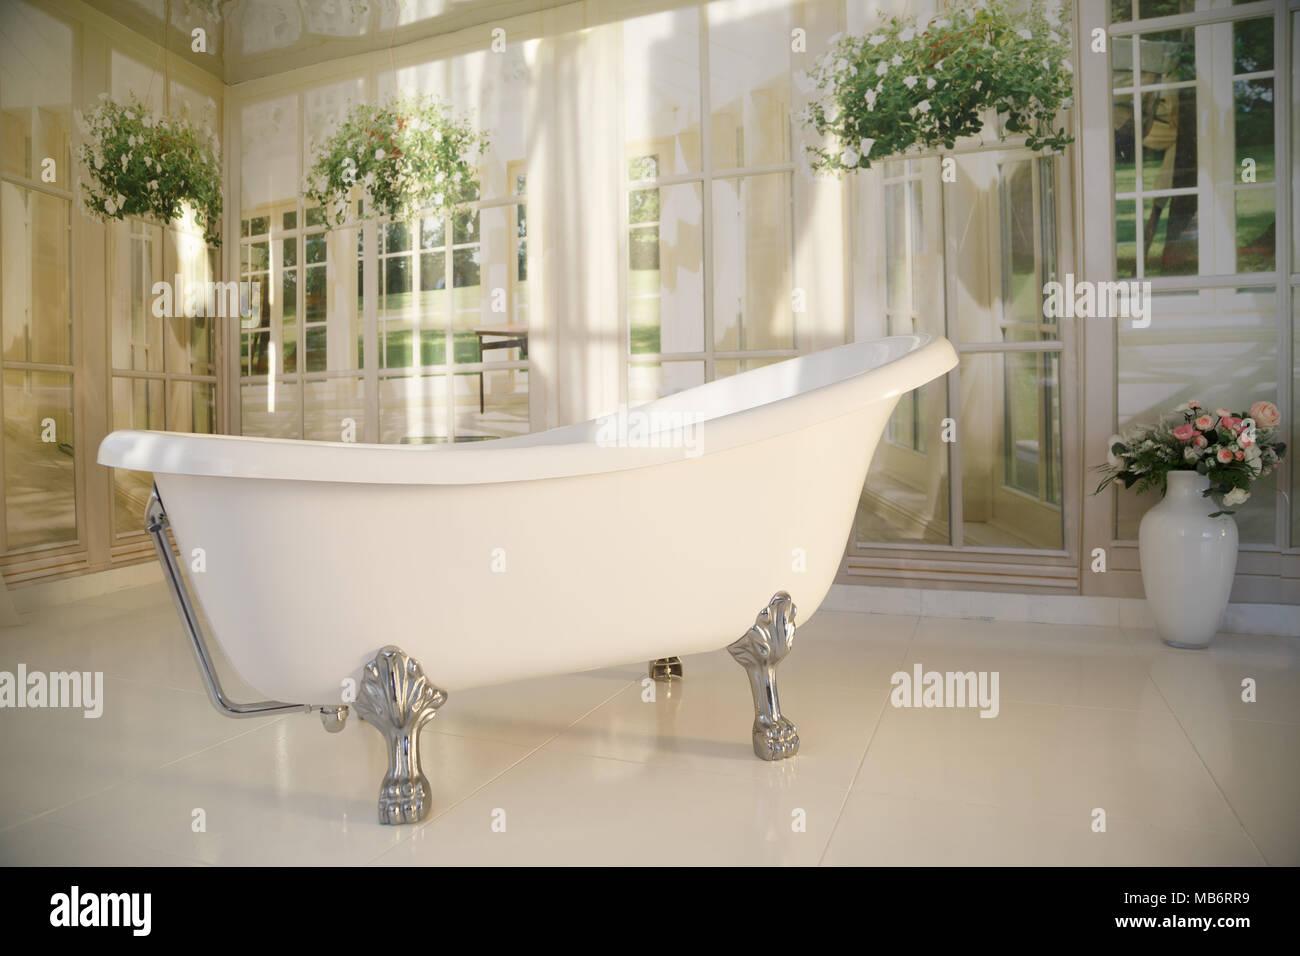 Intérieur salle de bains avec une baignoire îlot Banque D ...